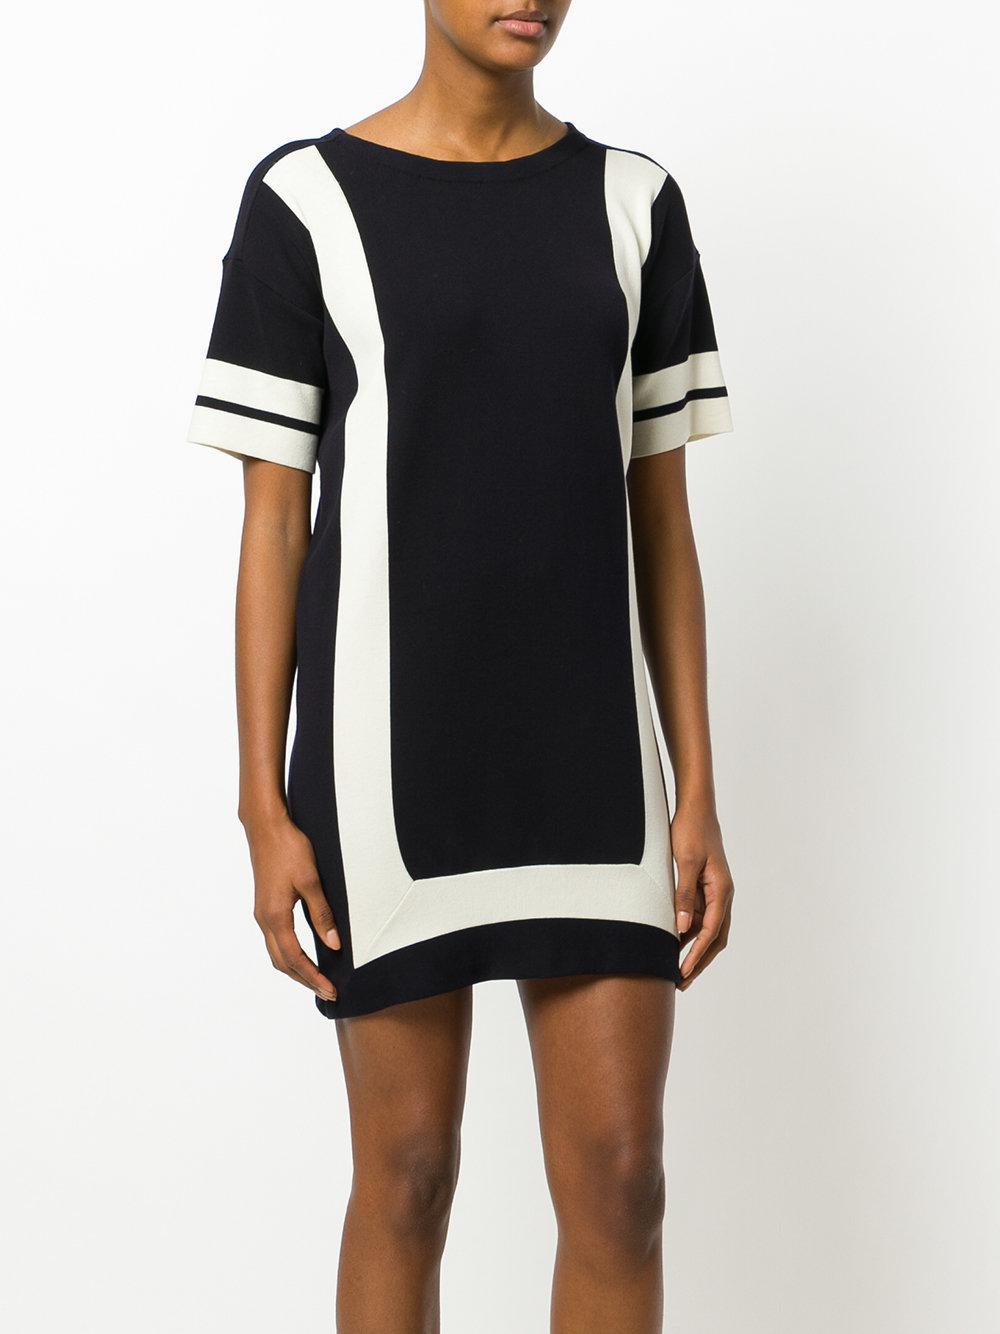 indigo panelled dress - Blue Chinti and Parker sbO4YfFsa